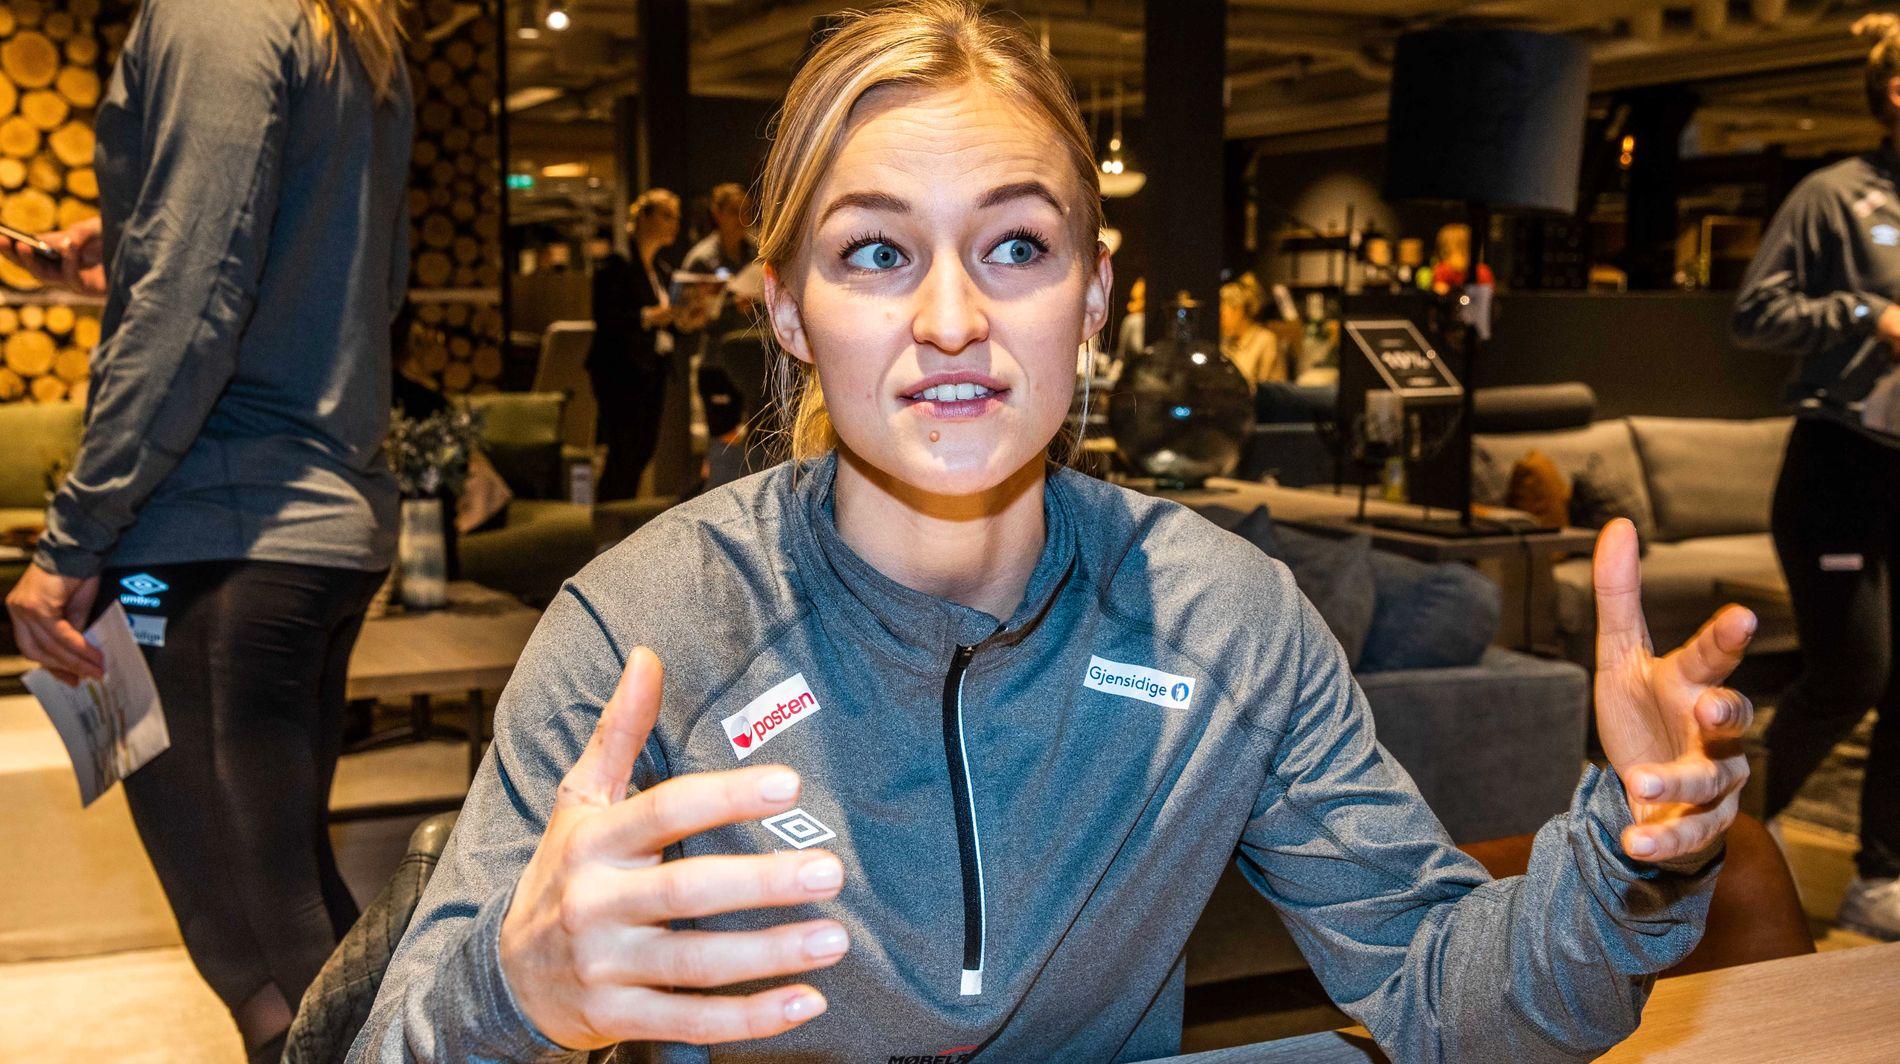 SLITENT LÅR: Stine Bredal Oftedal var bare på banen ved et straffekast mot Ungarn. Et sliten lår har plaget og stresset henne i nesten tre uker.